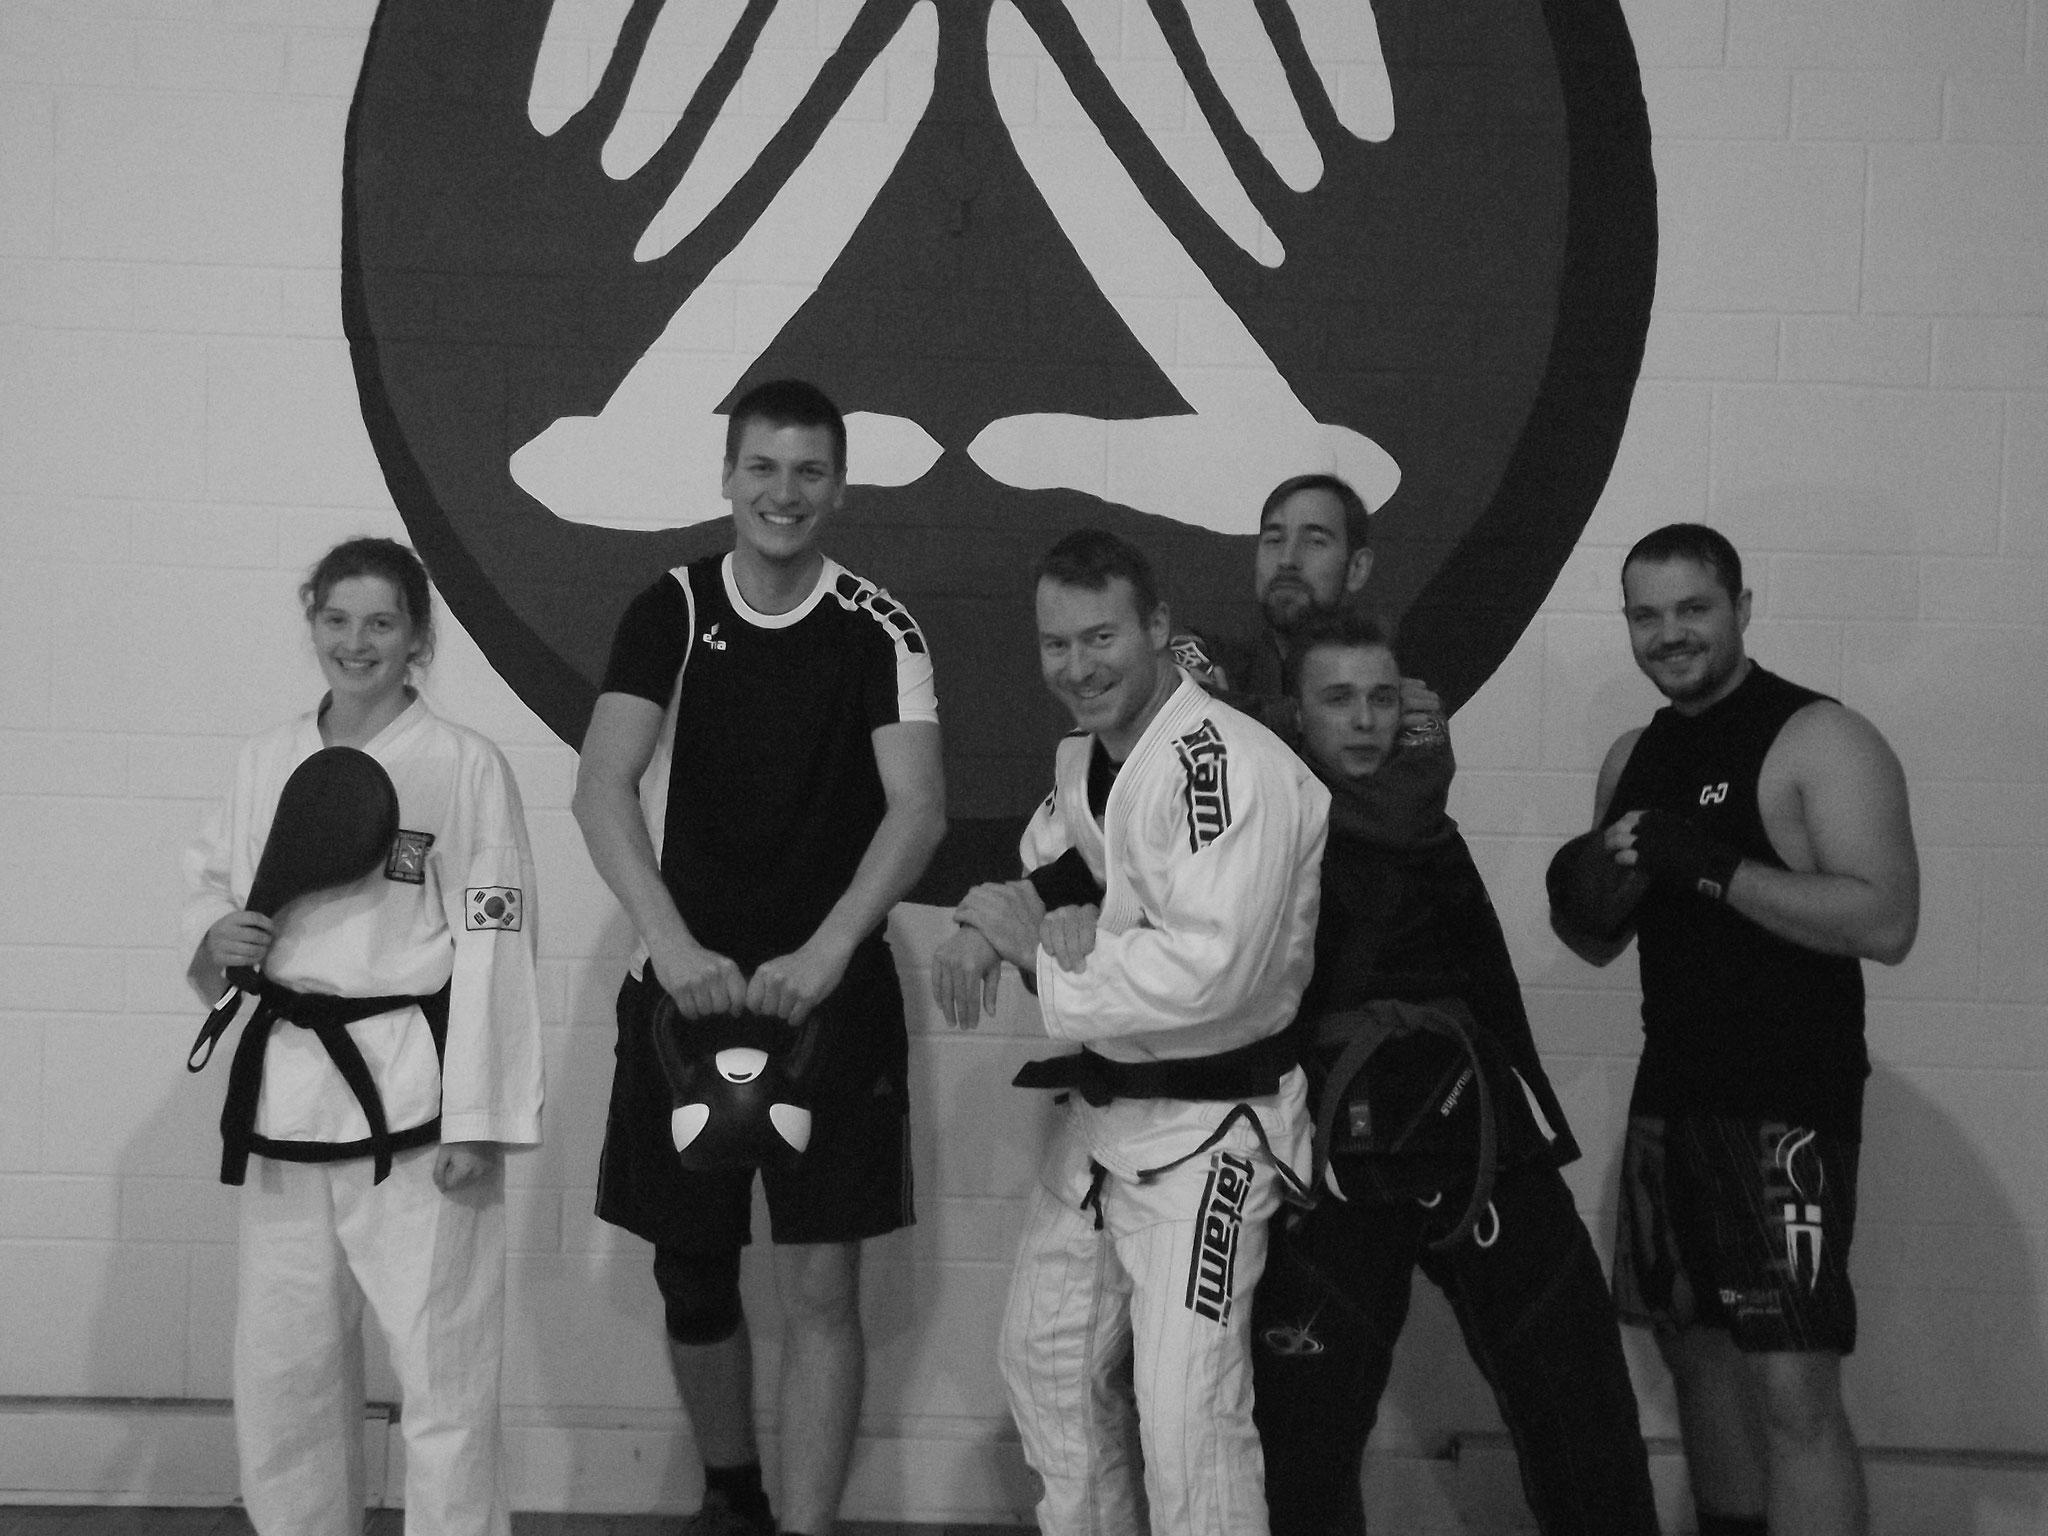 Unser Trainer Team in Schleswig